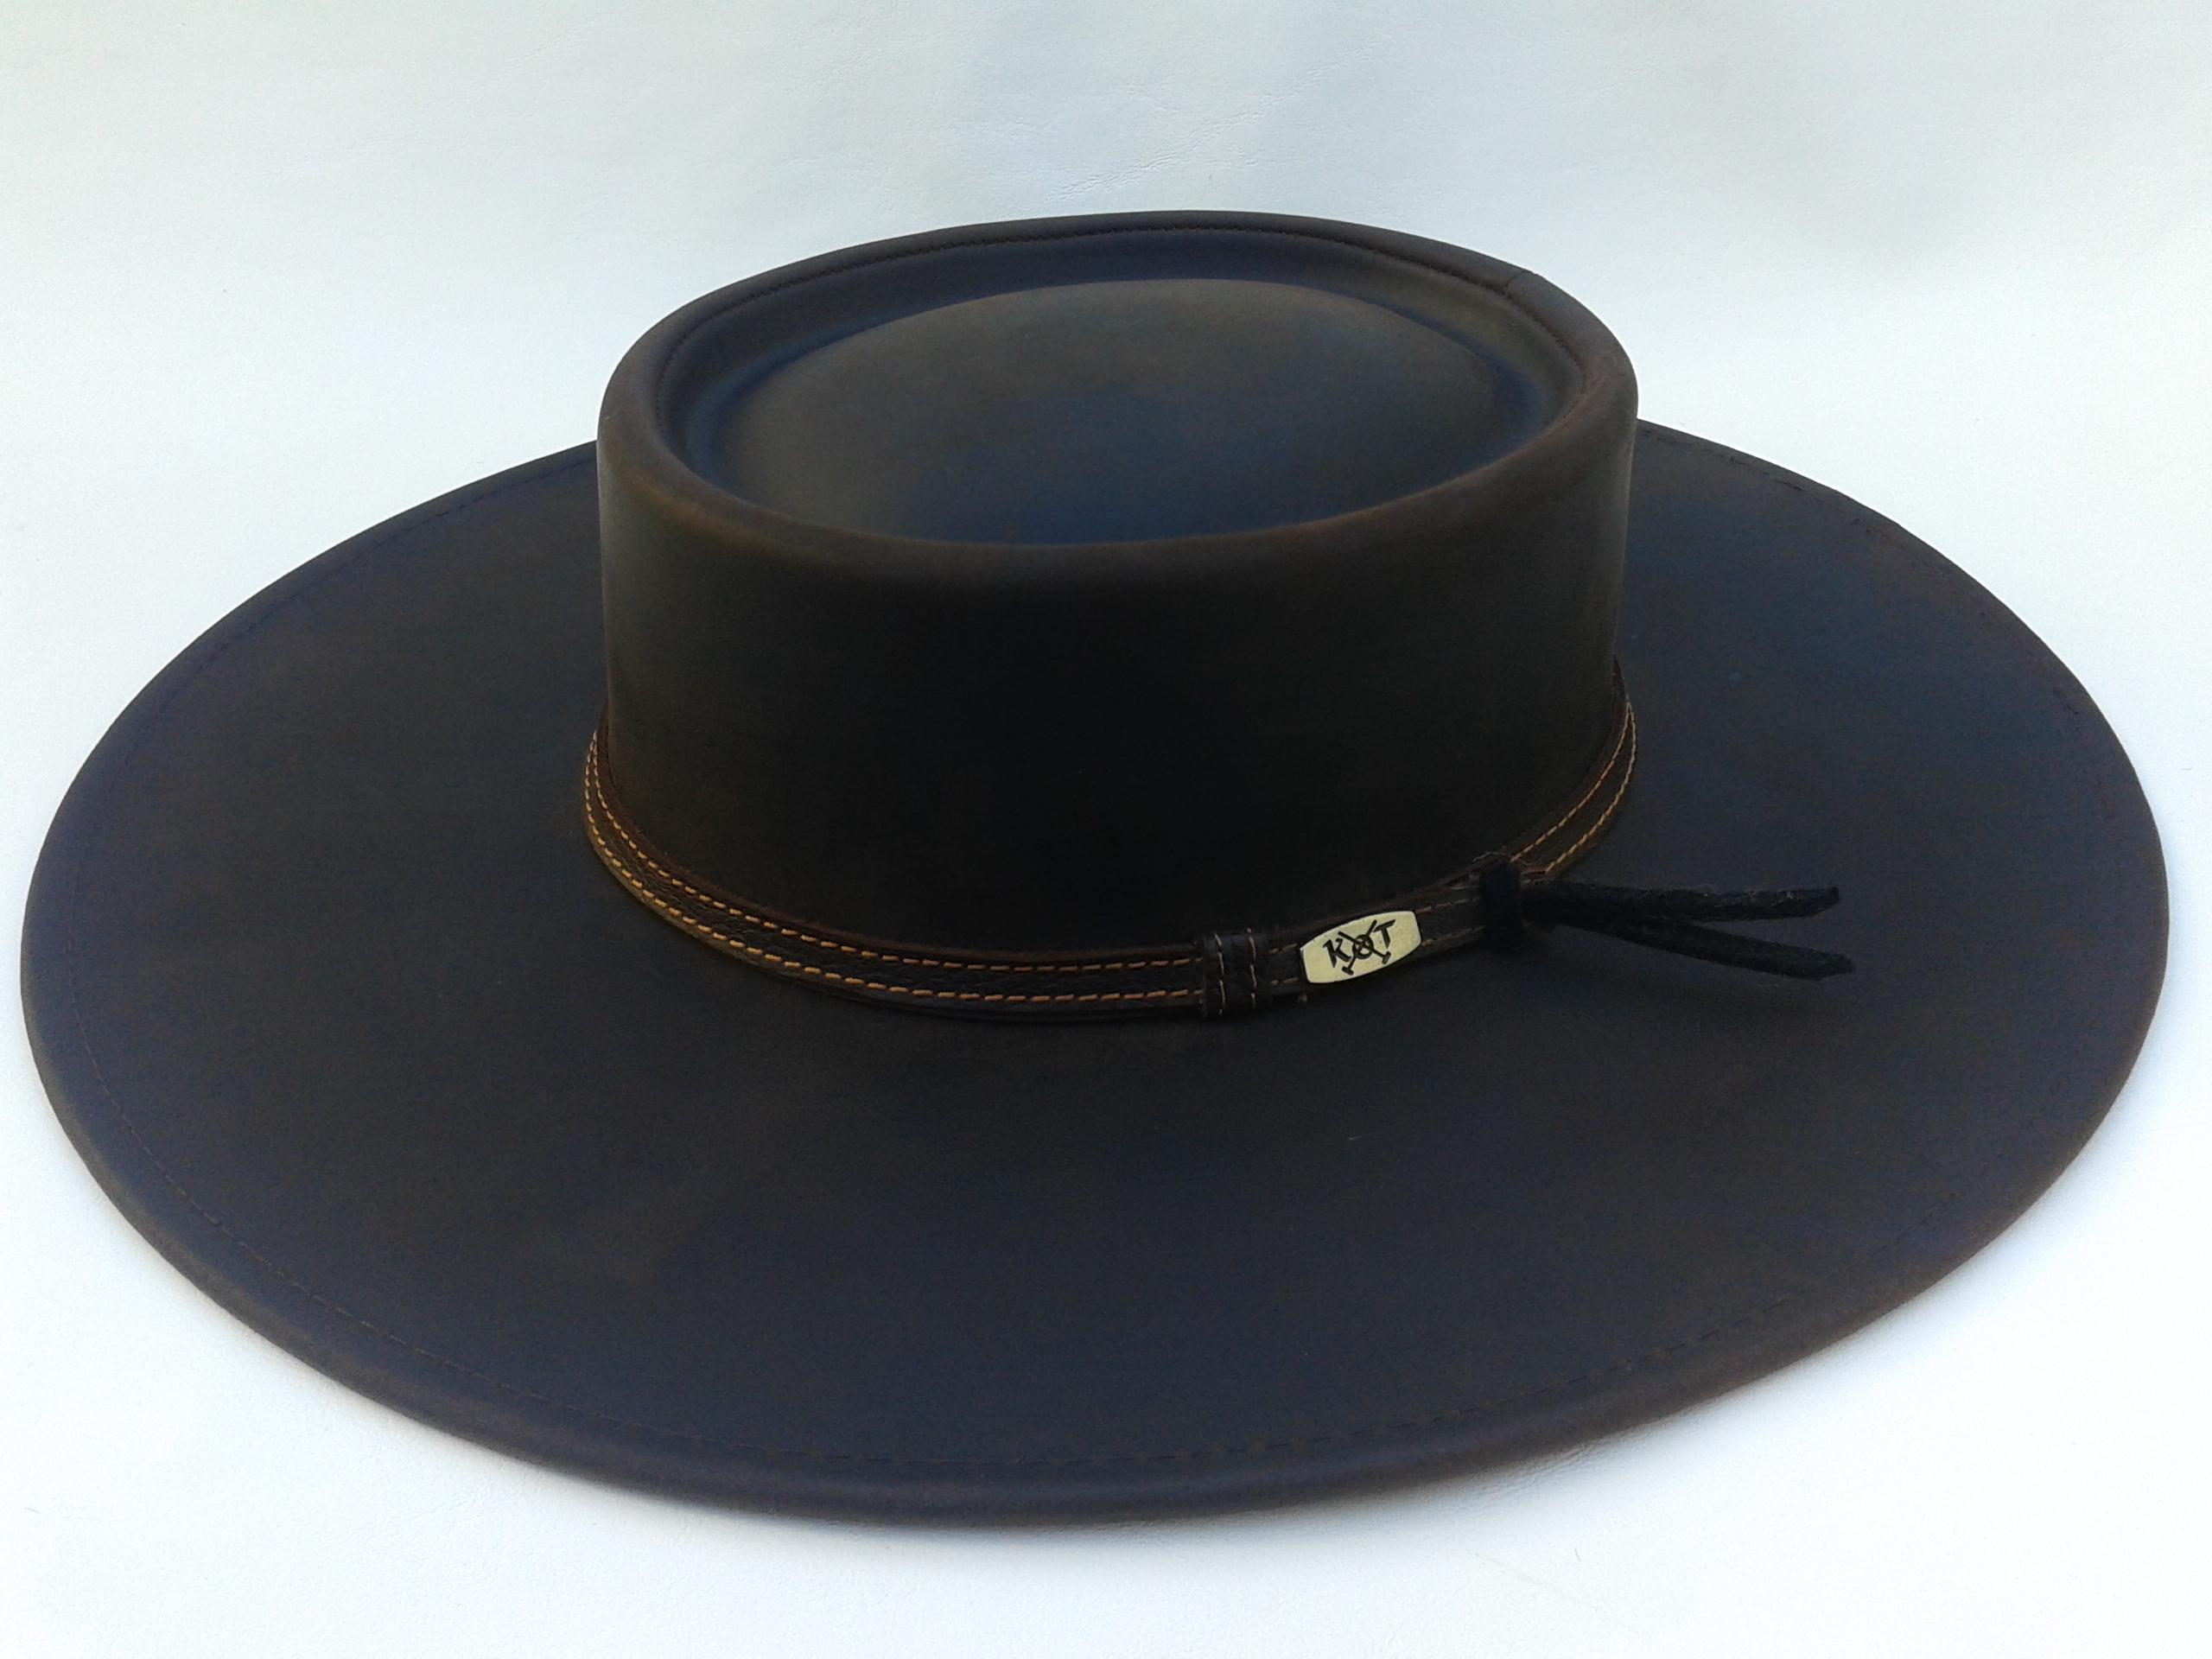 Sombrero Chaque O En Mercado Libre Argentina # Muebles Digiano